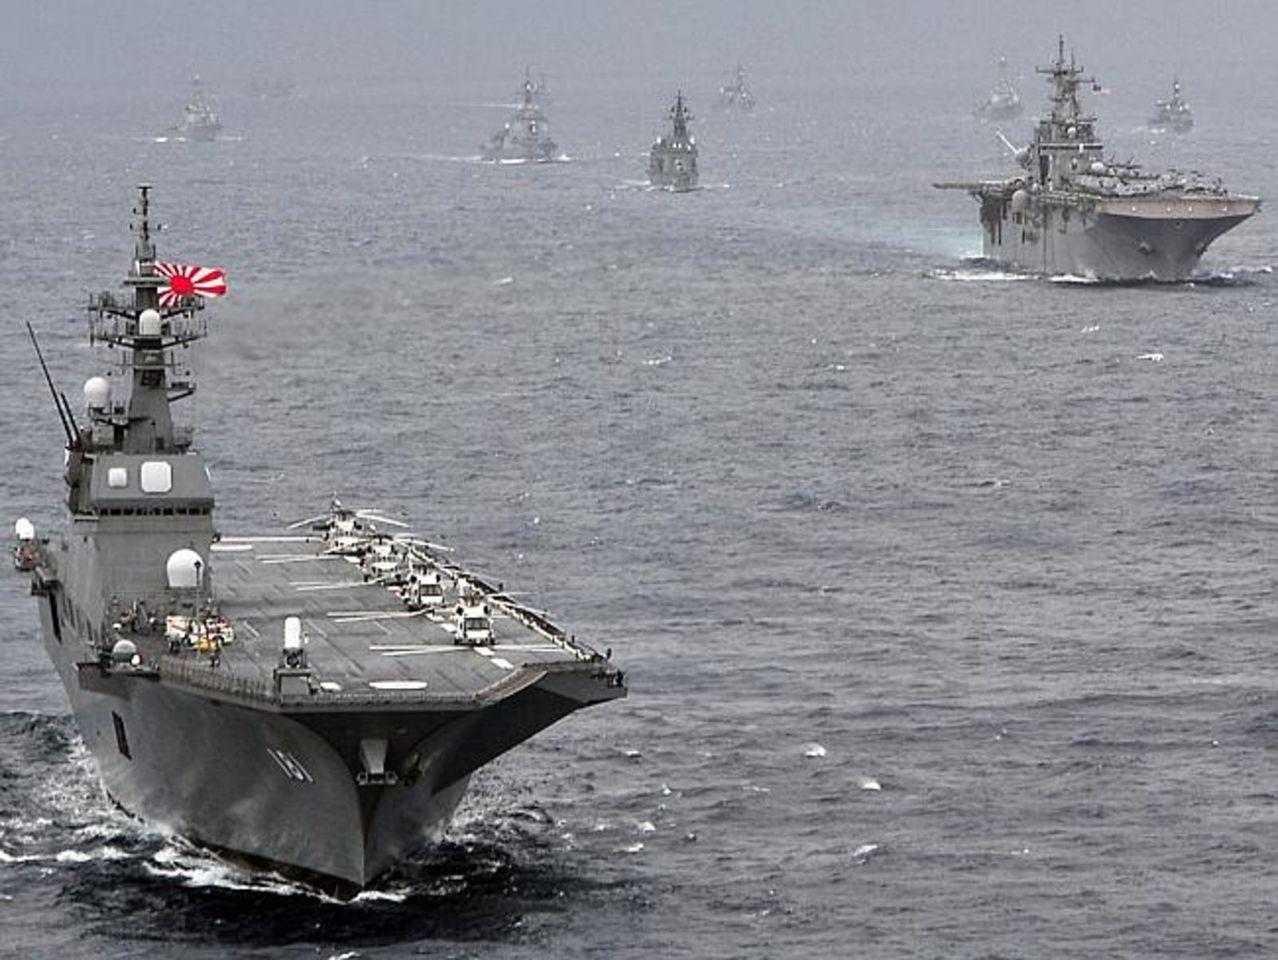 Japon establece como estrategia similar a China, limitar acceso a zonas aereas/maritimas territoriales FLOTAJAPONESACONDESTROYERS